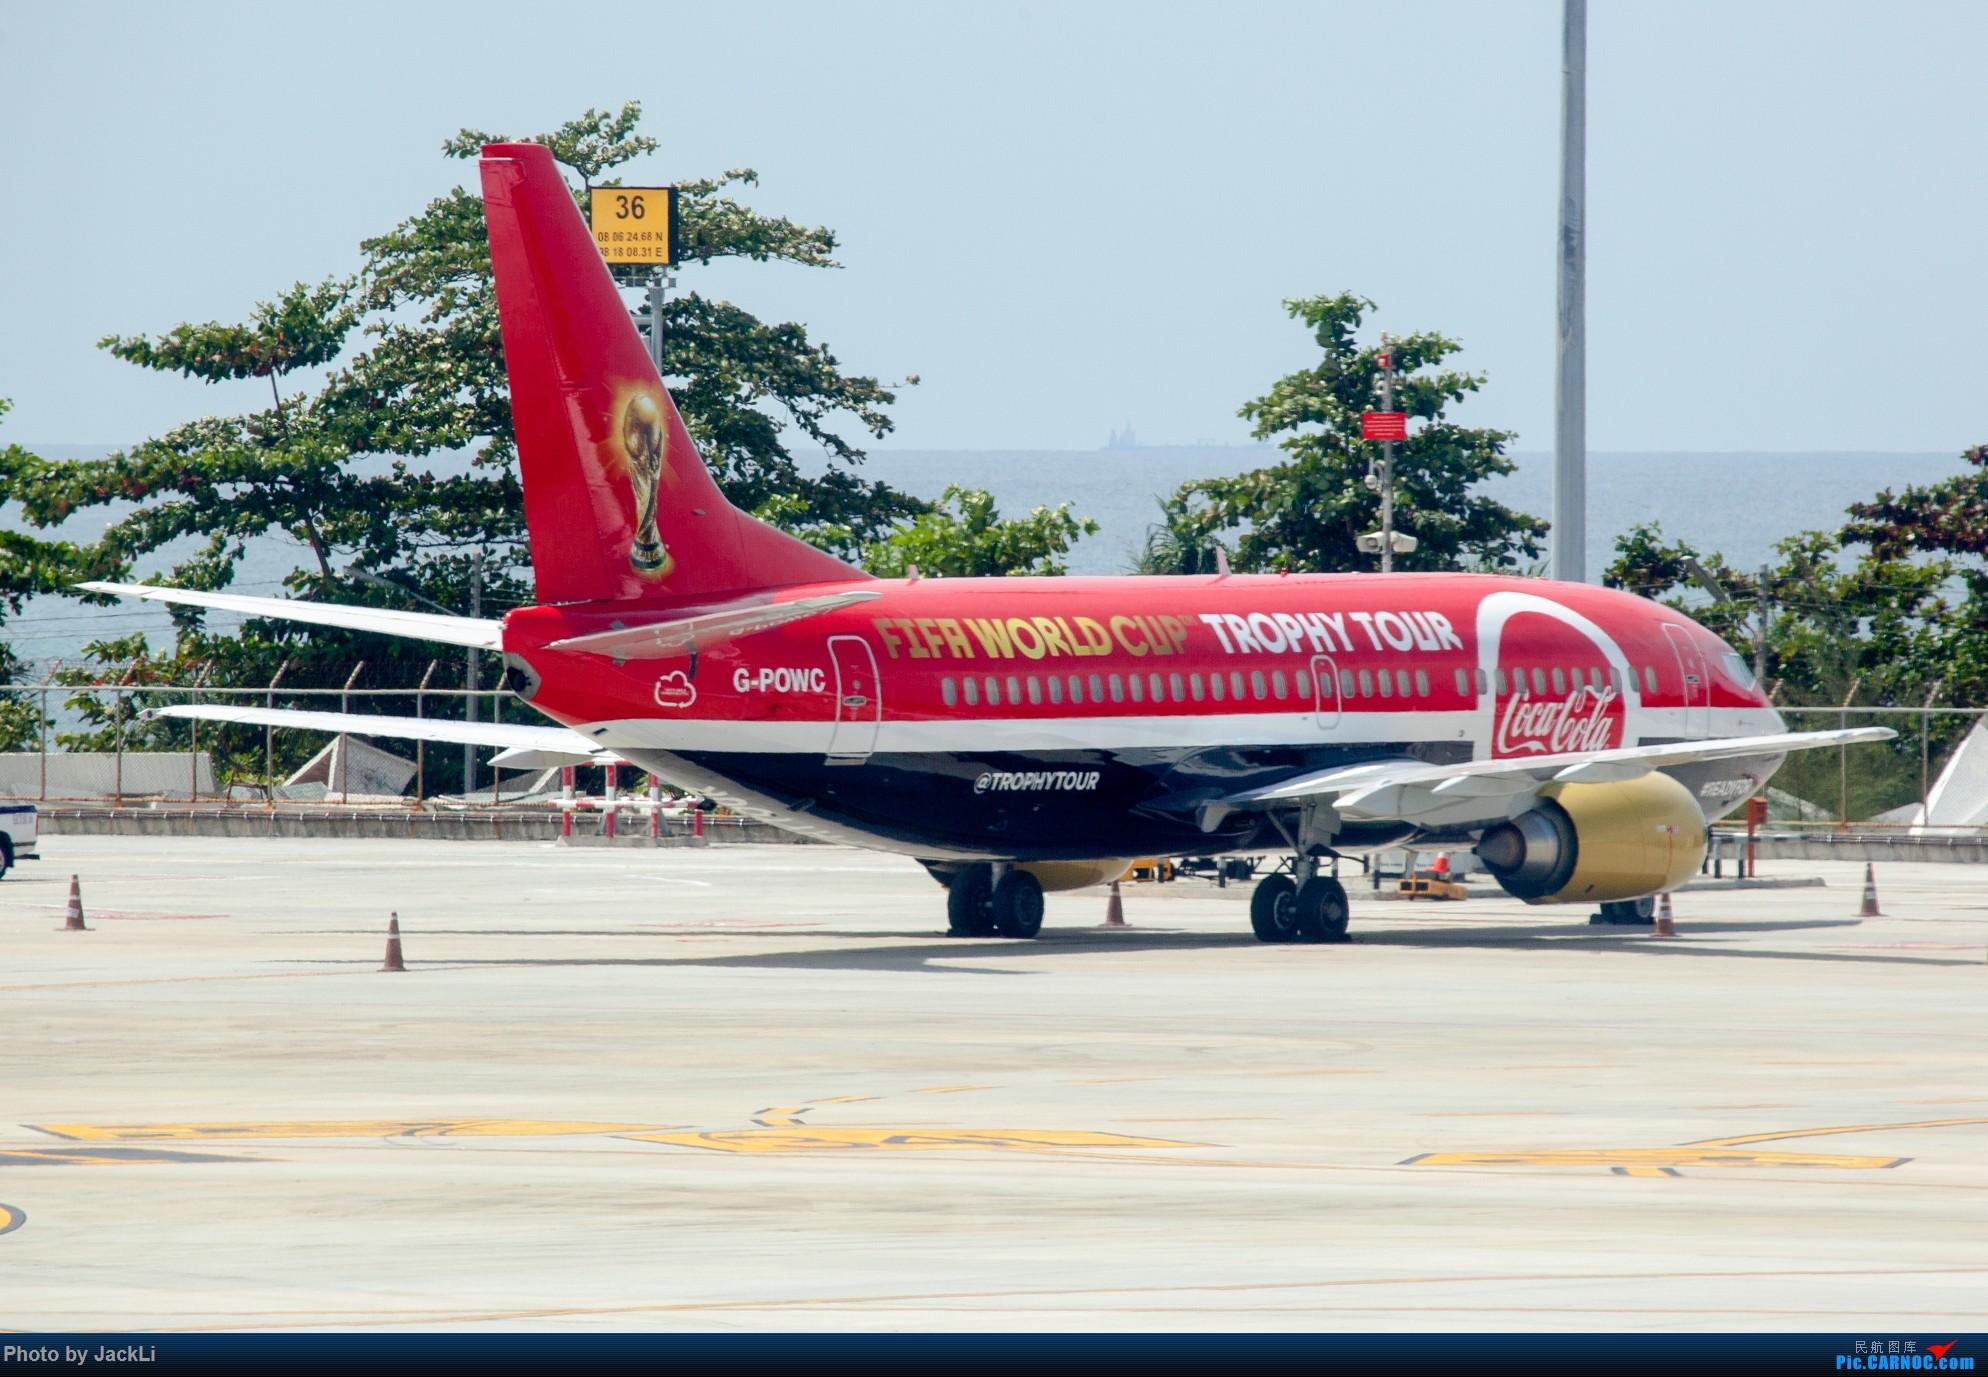 Re:[原创]【JackLi】亚洲圣马丁~普吉岛机场拍机 BOEING 737-300 G-POWC 泰国普吉机场